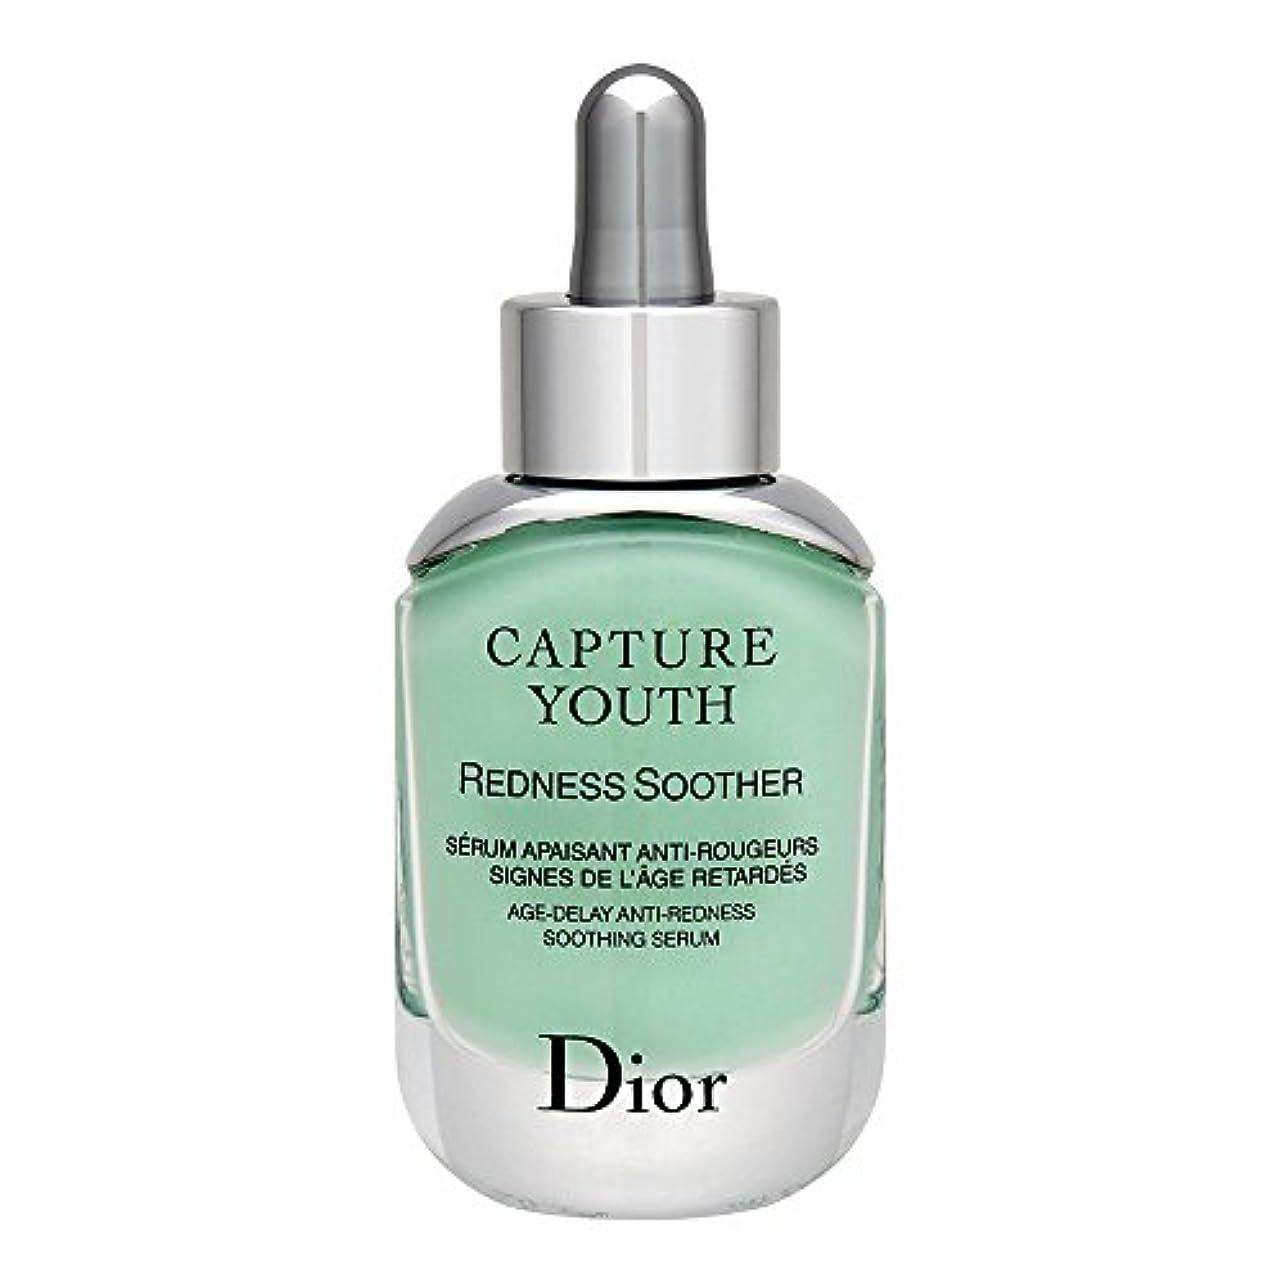 牛肉断線パースクリスチャンディオール Christian Dior カプチュール ユース レッドネス ミニマイザー 30mL [並行輸入品]